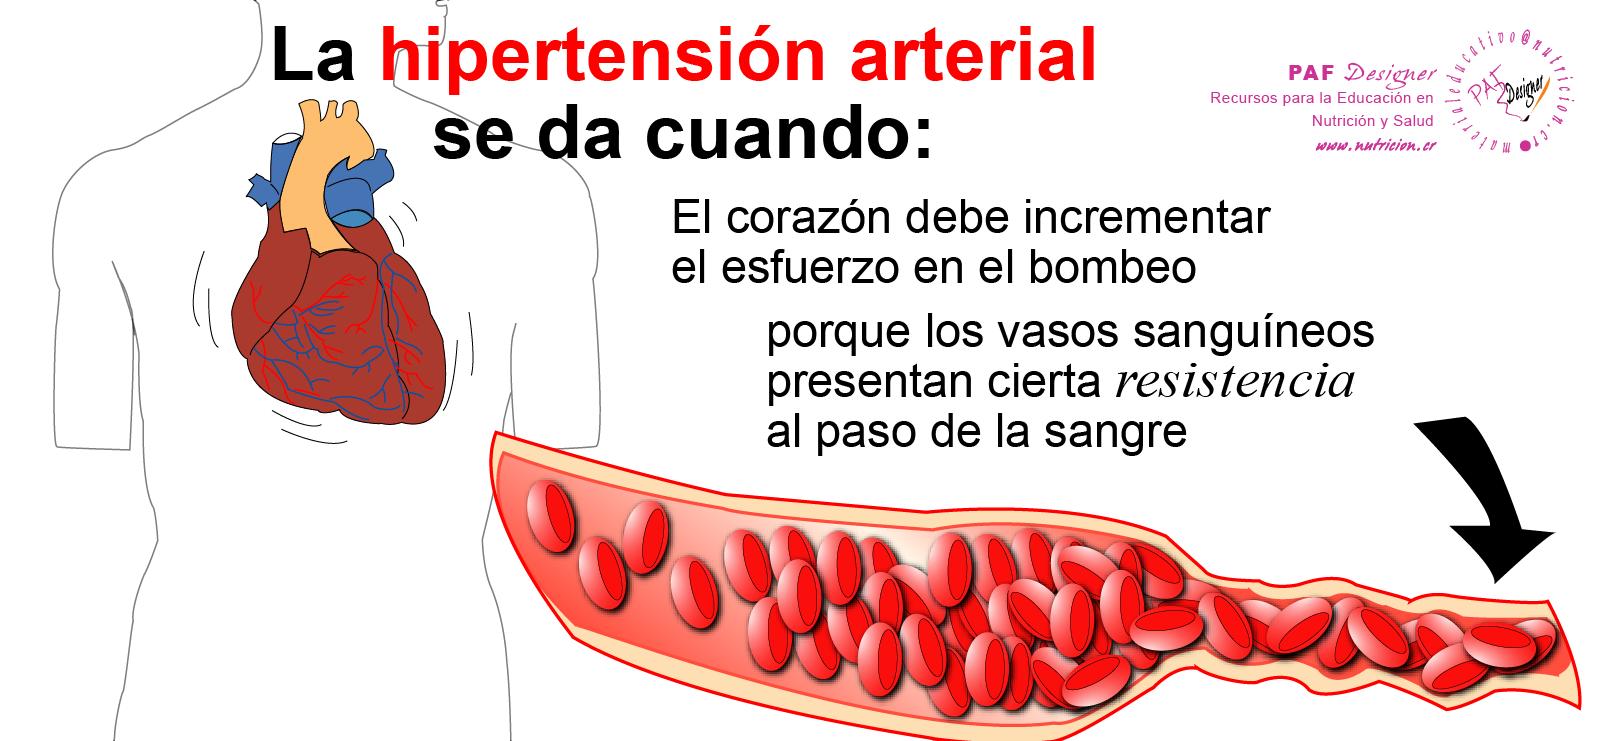 nutricion.cr - Hipertensión Arterial